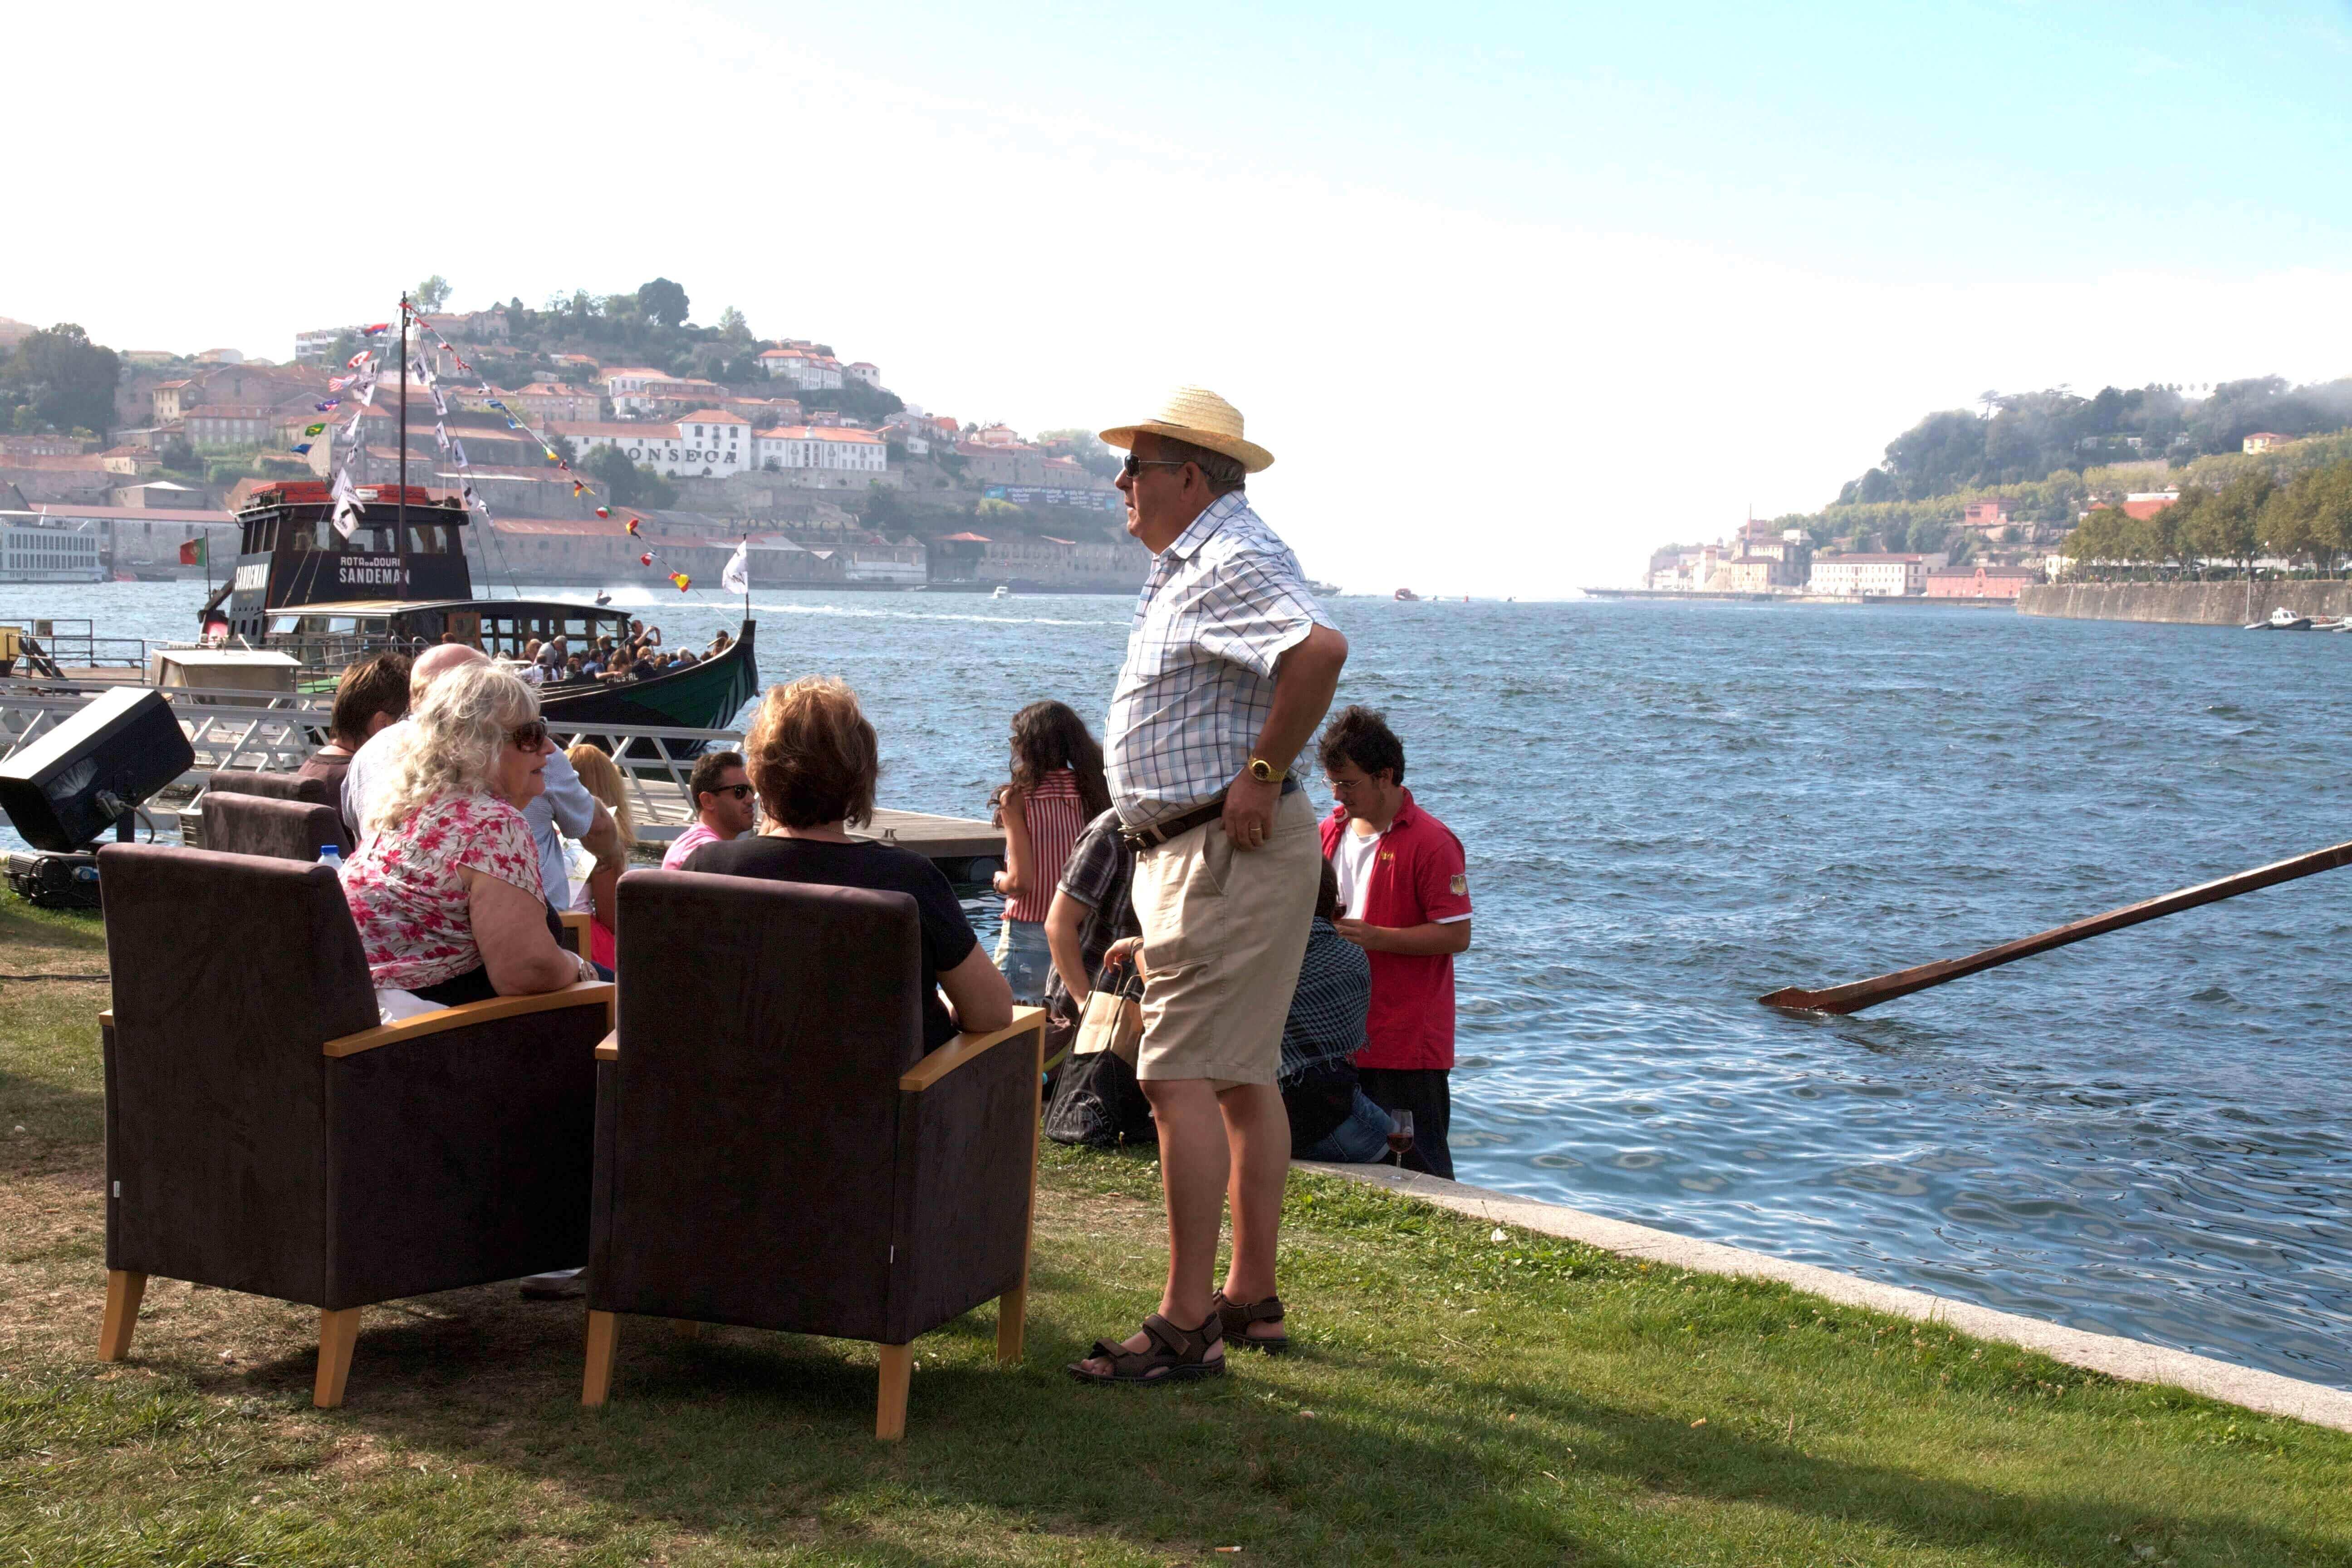 Port Wine Day 2020 – Ein Tag für ein gemütliches Beisammensein